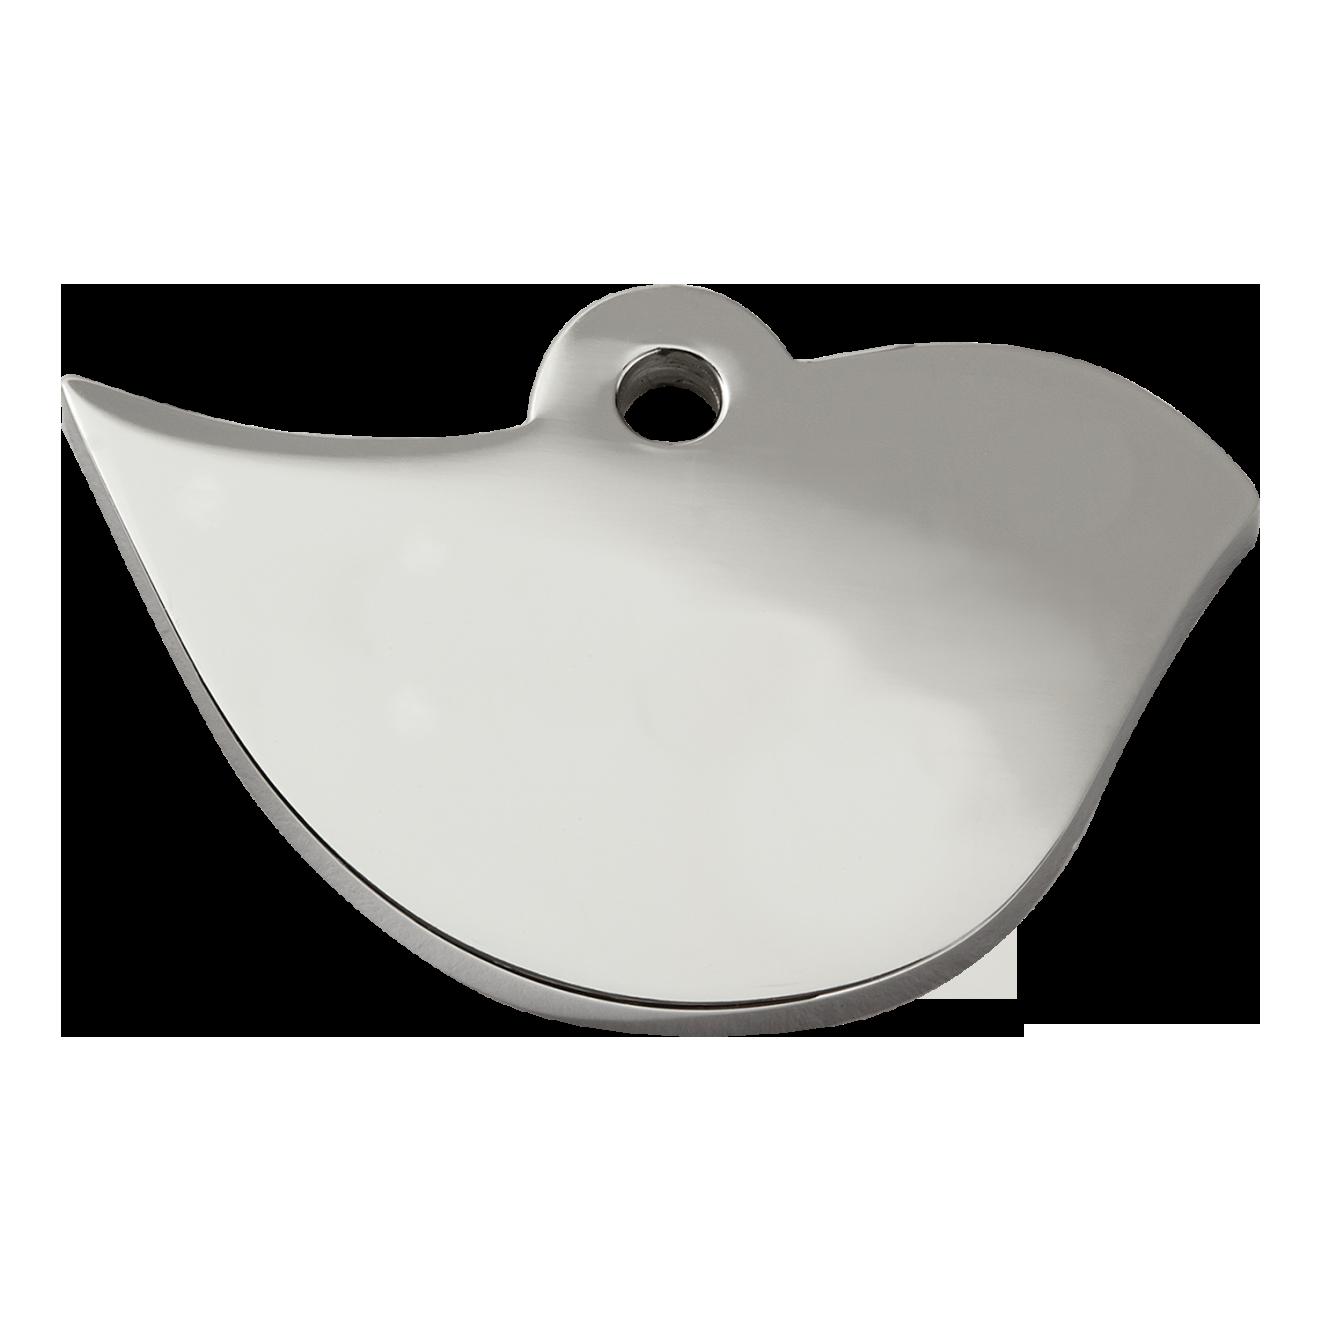 Médaille Red Dingo - Code Design : 08BI - Face arrière